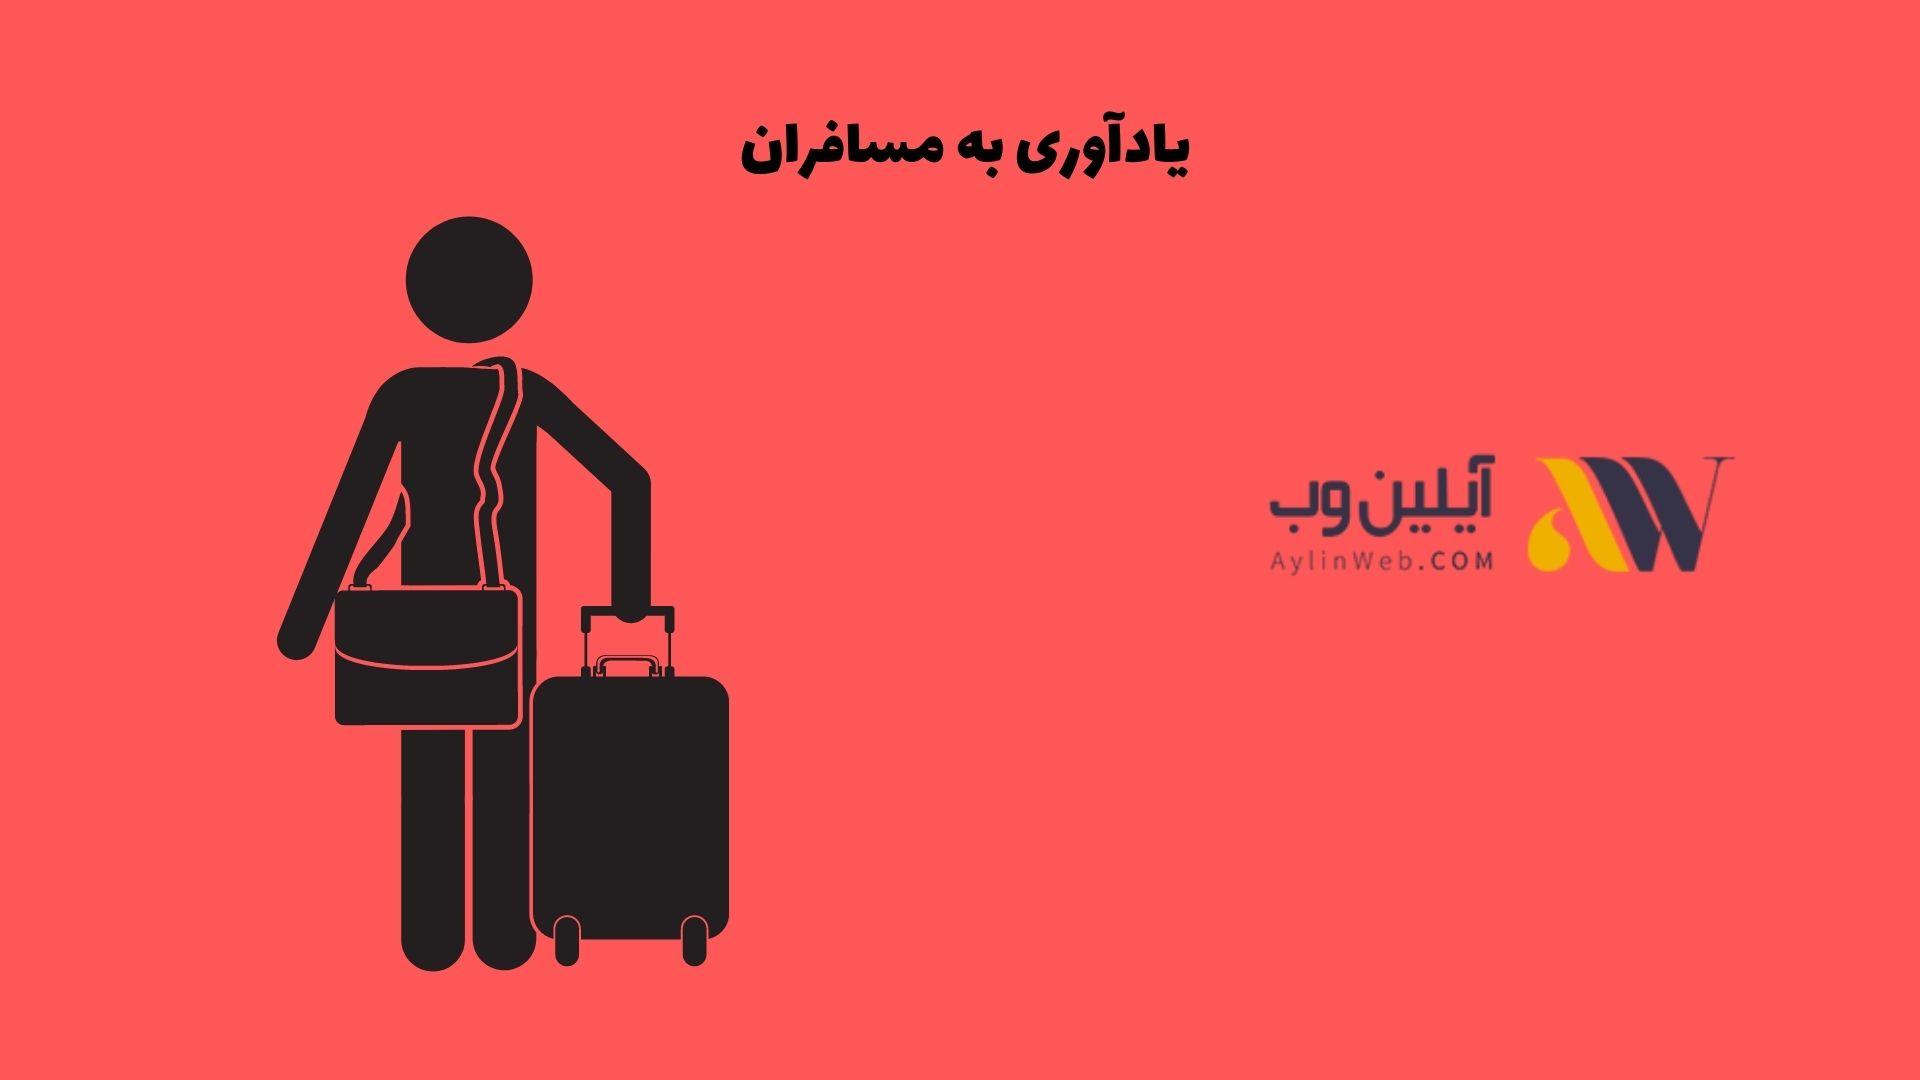 یادآوری به مسافران